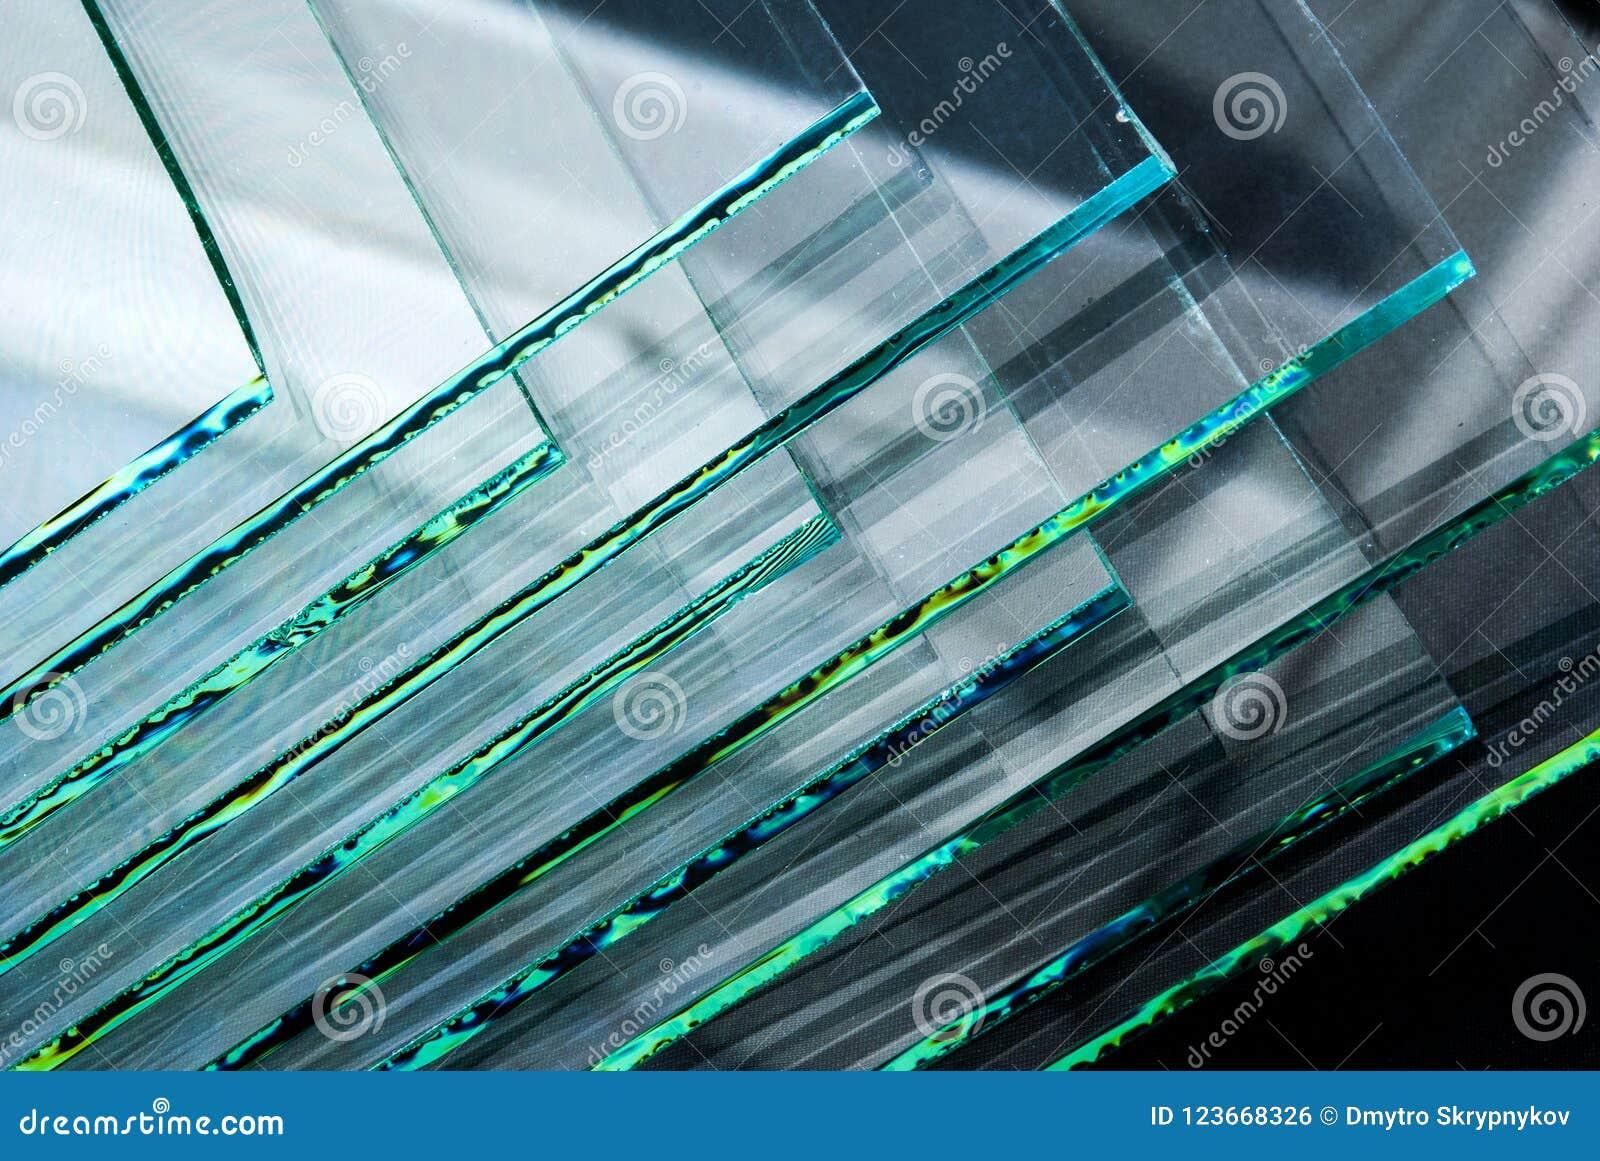 Las hojas de la fabricación de la fábrica moderaron los paneles claros del vidrio de flotador cortados a la medida